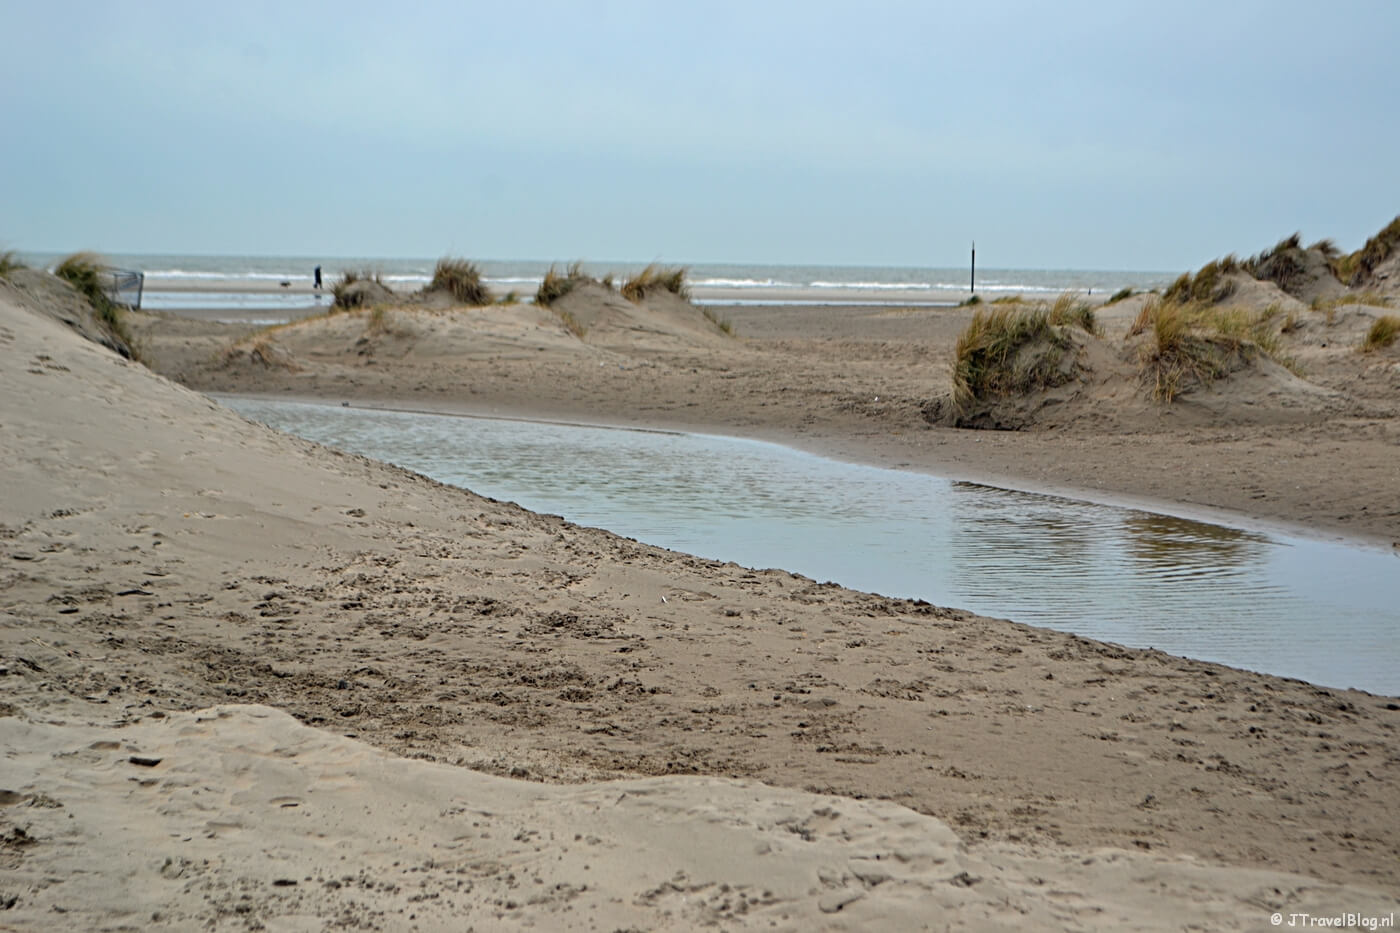 Wandelen in de duinen van IJmuiden: Strandopgang